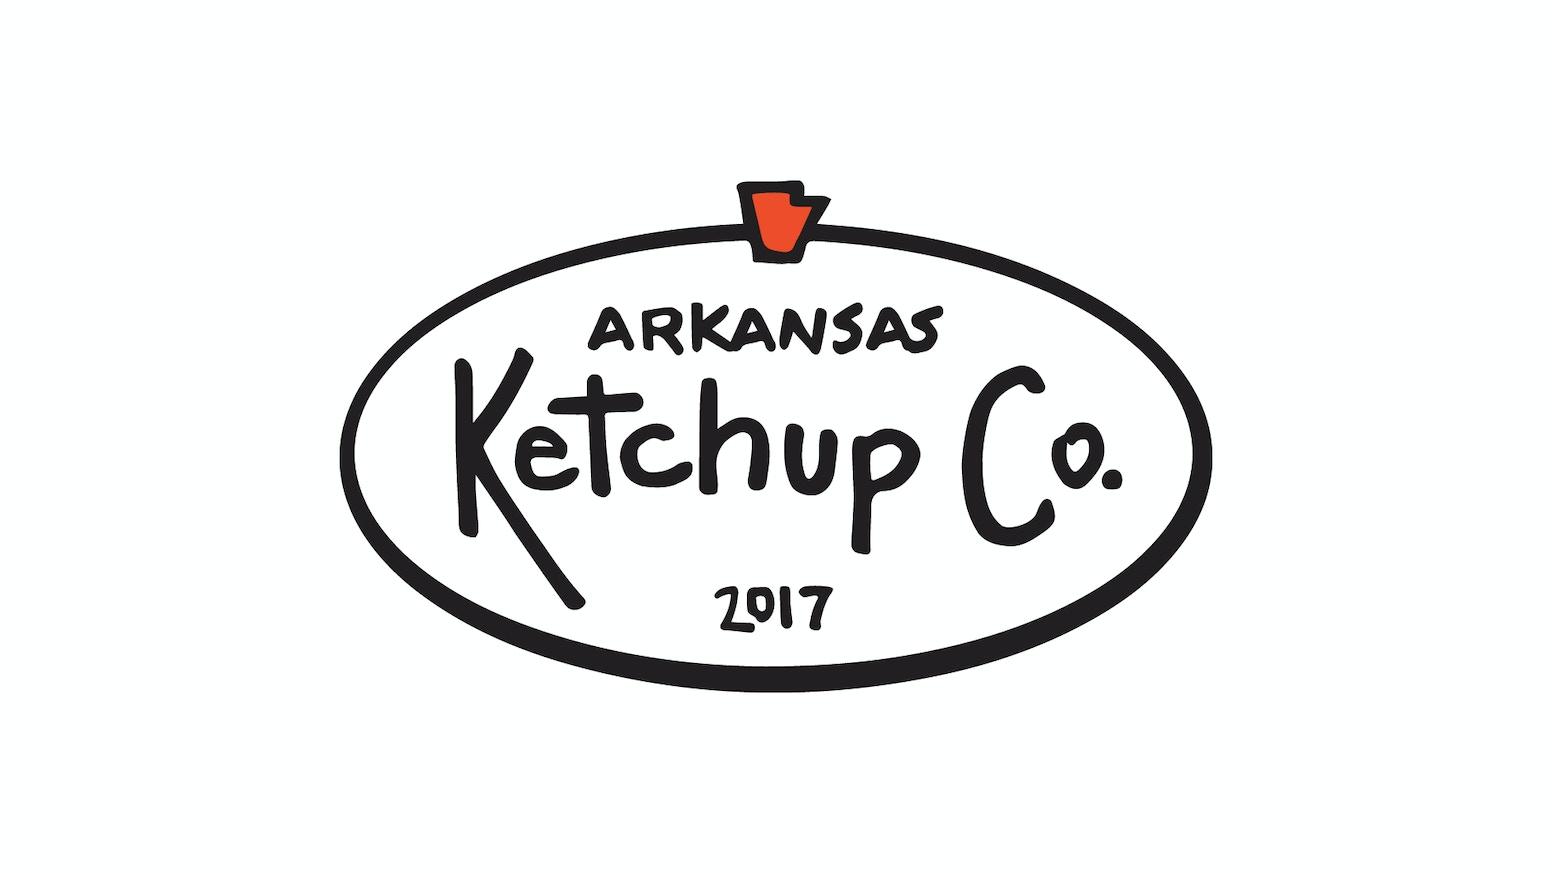 Arkansas Ketchup Company by Arkansas Ketchup Co. —Kickstarter